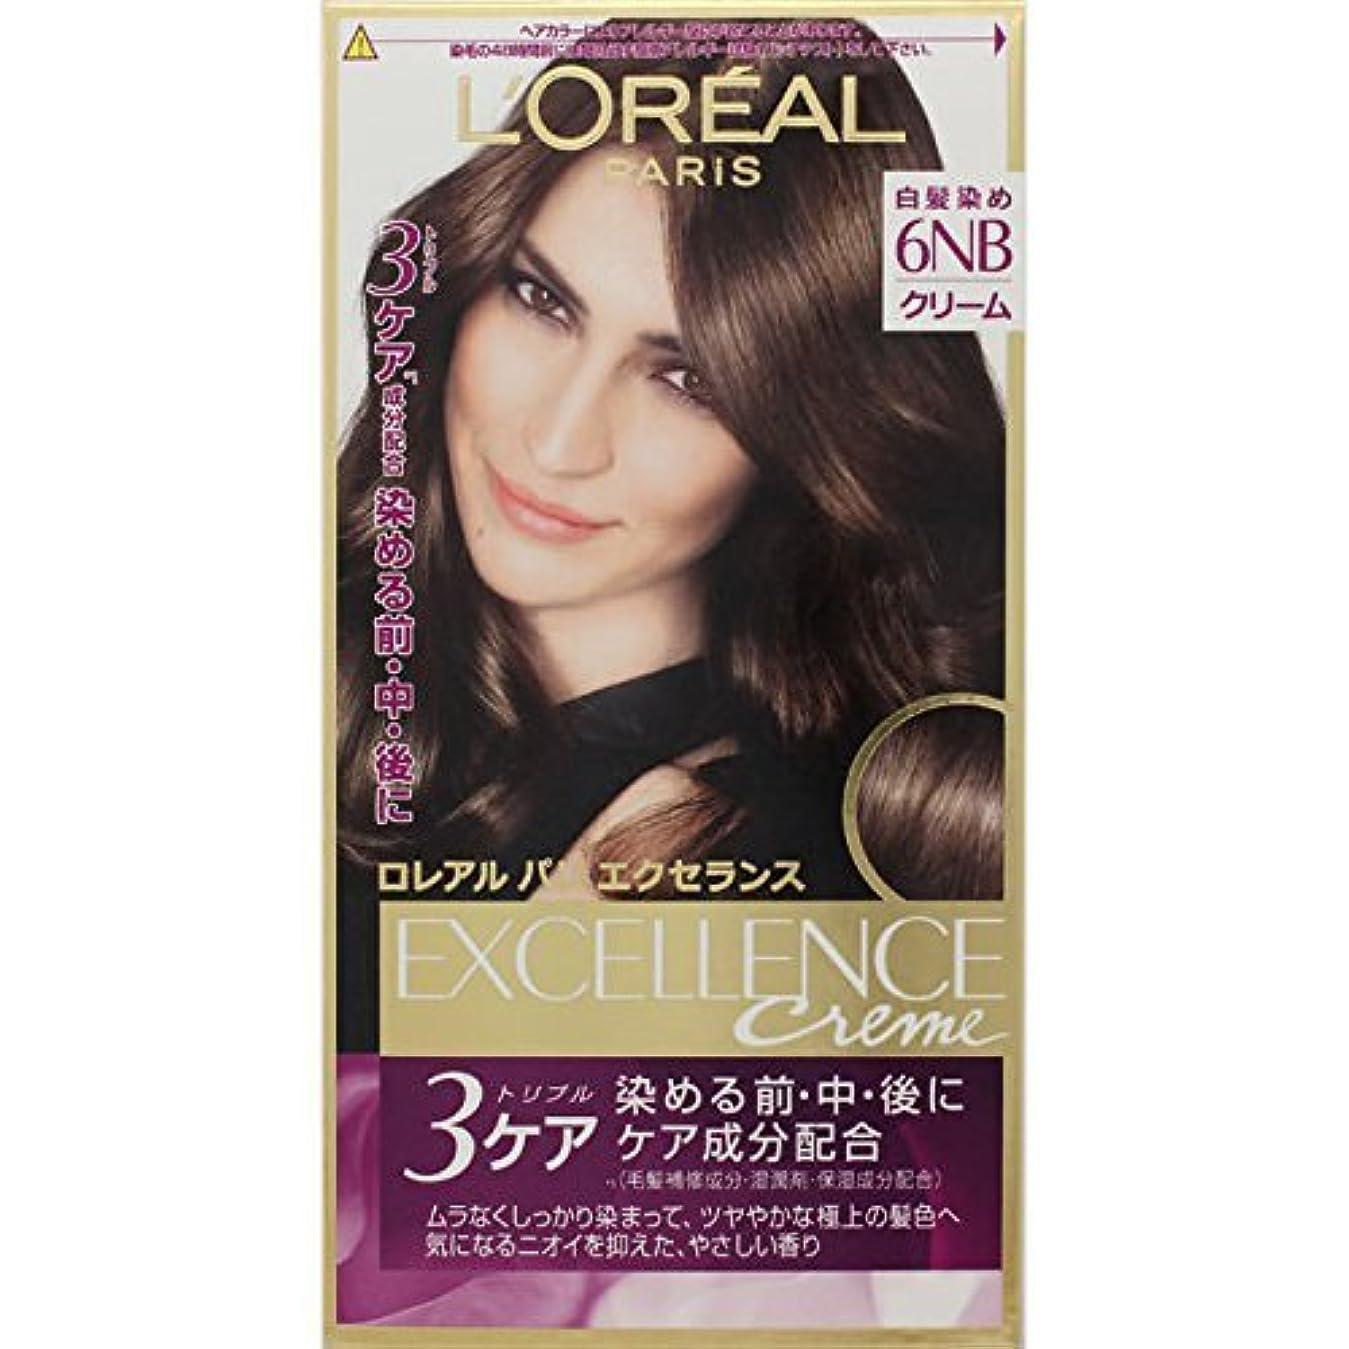 ゴール先例厳ロレアル パリ ヘアカラー 白髪染め エクセランス N クリームタイプ 6NB やや明るい自然な栗色